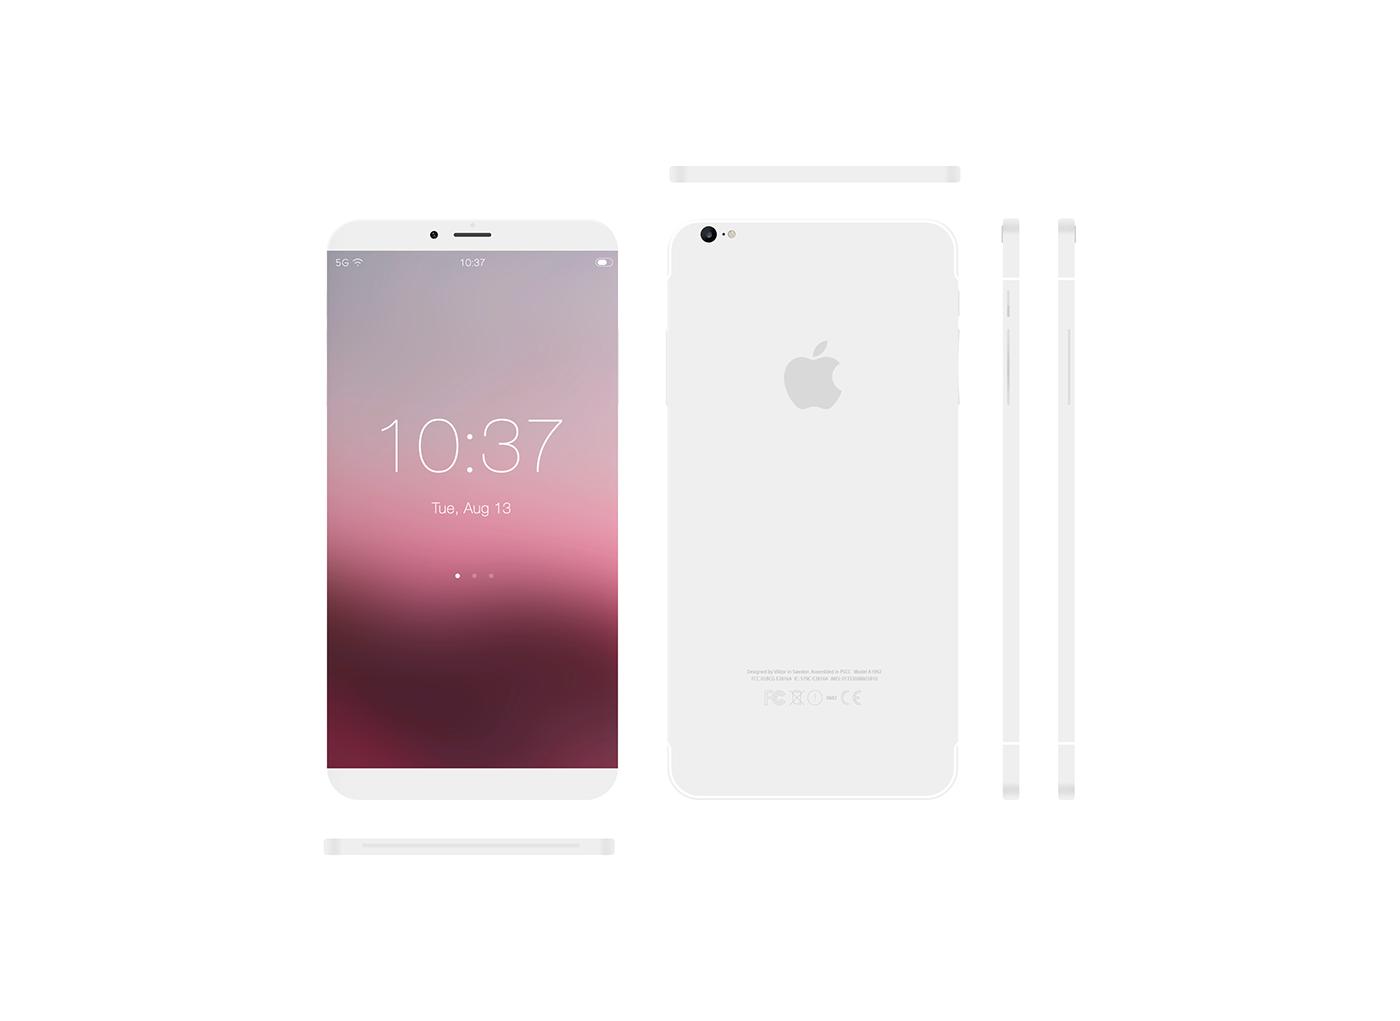 iPhone 8 Concept VIKTORH 1024x747 - iPhone 8 : un concept sans bord et avec Scroll Bar sous iOS 11